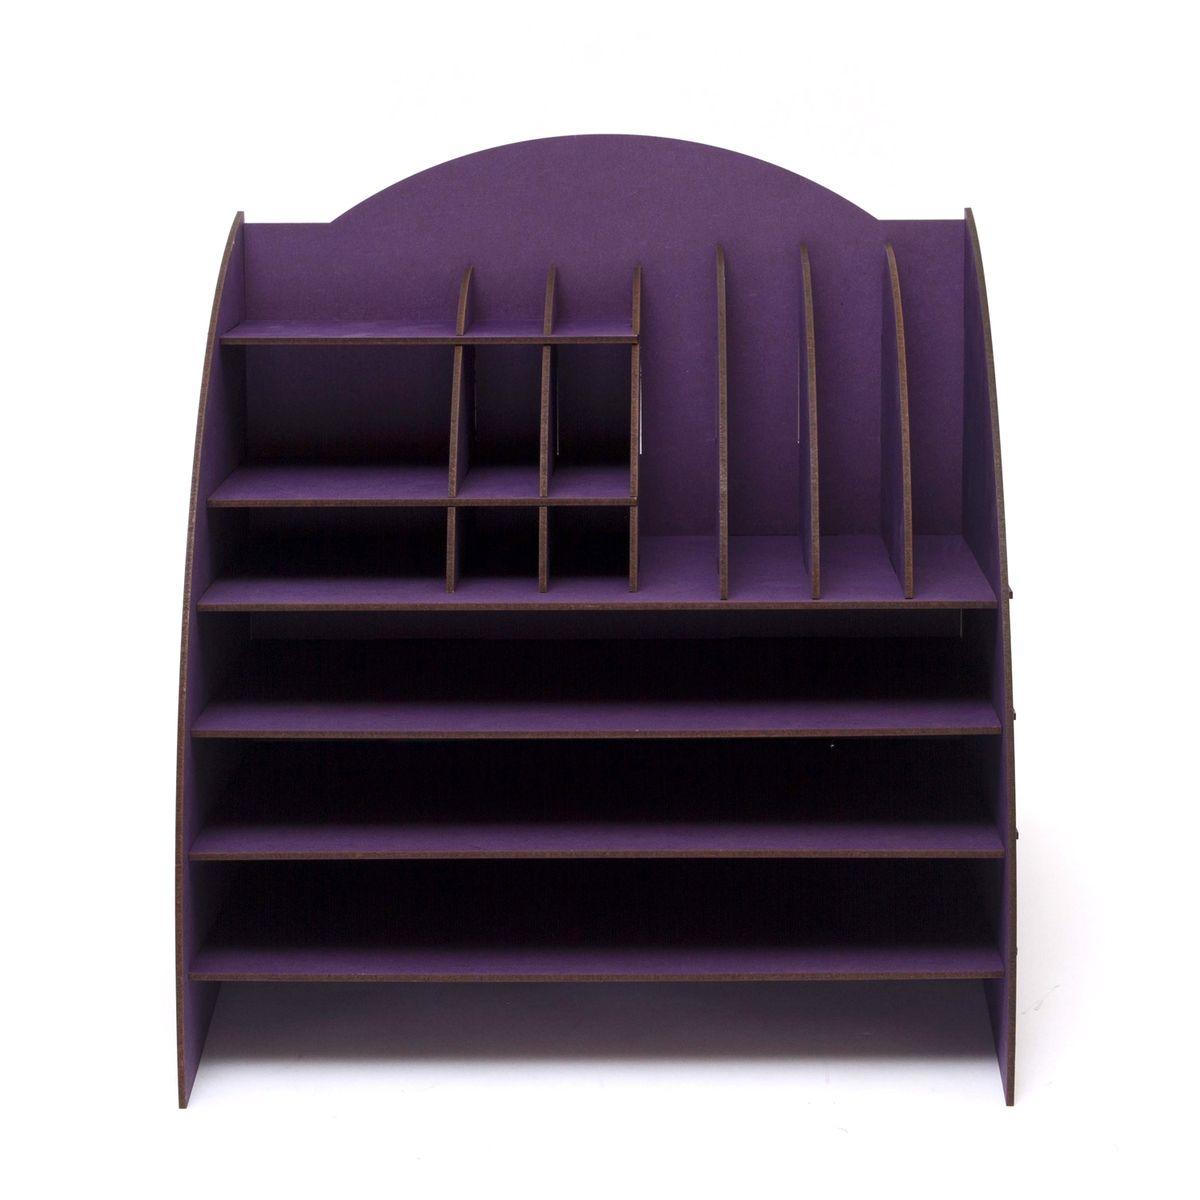 Органайзер настольный Homsu, 16 отделов, 35,5 x 32 x 34 смS03301004Настольный органайзер Homsu выполнен из МДФ и легко собирается из съемных частей. Изделие имеет 16 отделений для хранения документов, канцелярских предметов и всяких мелочей. Органайзер просто незаменим на рабочем столе, он вместителен и не занимает много места. Оригинальный дизайн дополнит интерьер дома и разбавит цвет в скучном сером офисе. Размер: 35,5 х 32 х 34 см.